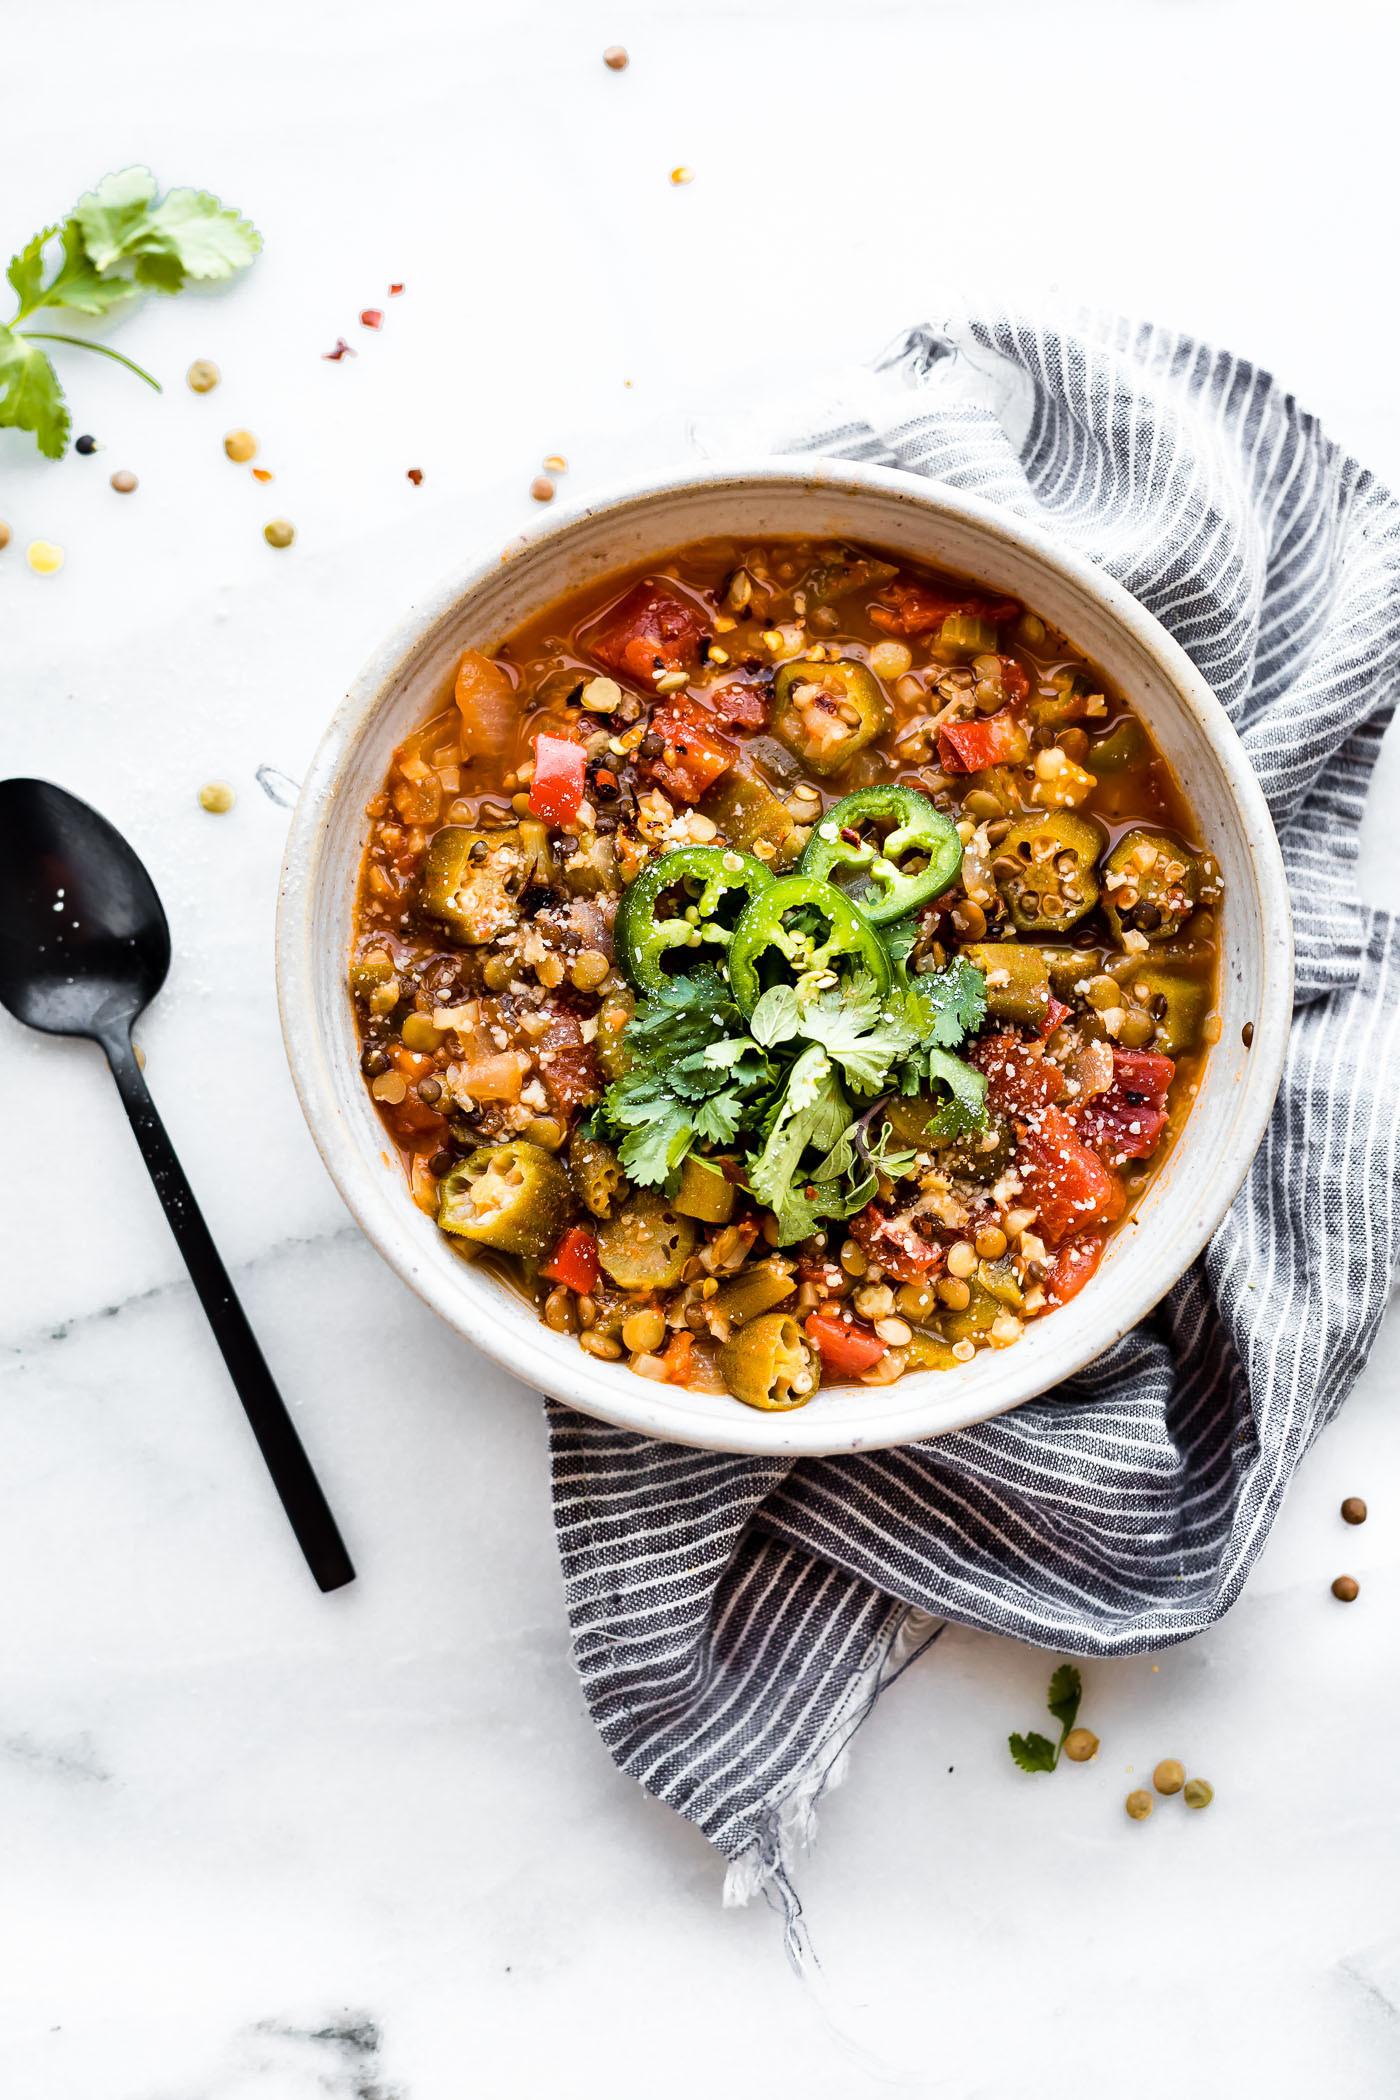 Vegan Instant Pot Recipes  Instant Pot Lentil Gumbo